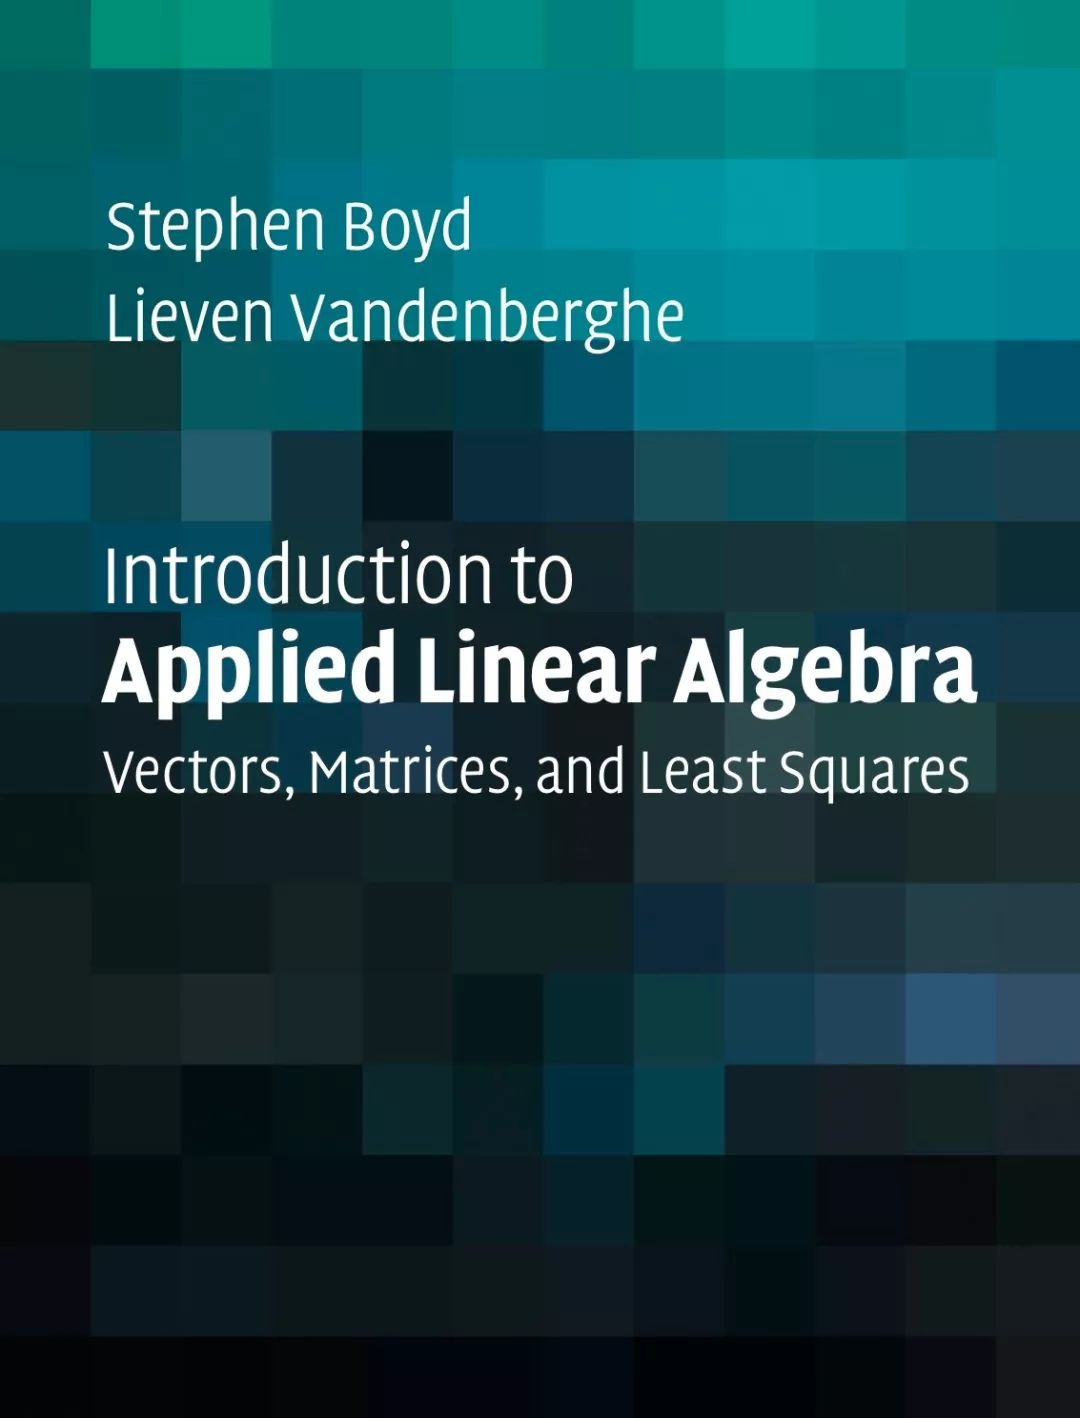 斯坦福开放新书《应用线性代数导论:向量、矩阵和最小二乘法》473页pdf,带你入门线代